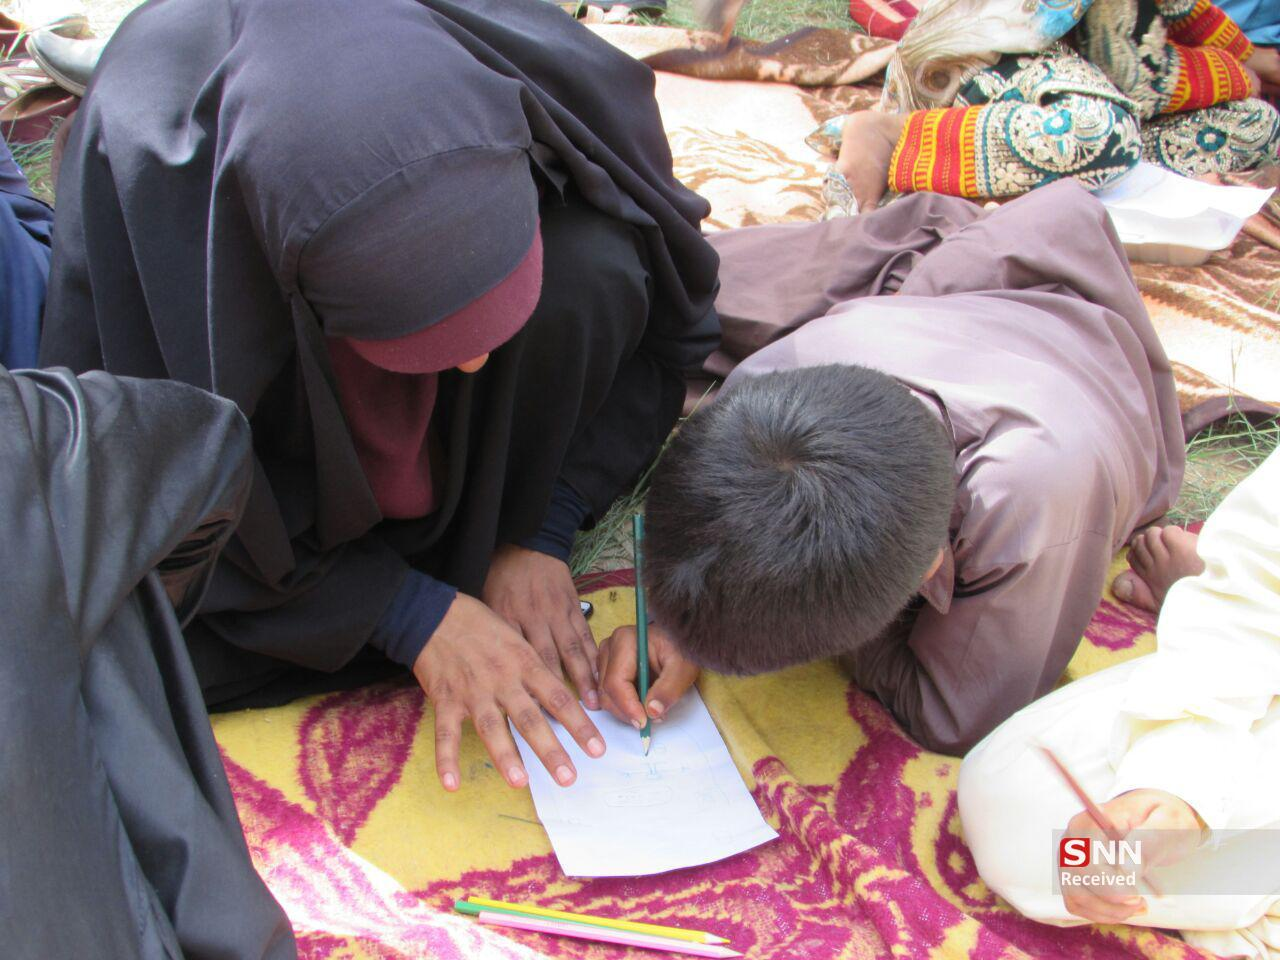 /بماند/آرزوی کودکان ایرانشهری که به همت دانشجویان جهادگر برآورده شد/  قول دانشجویان به کودکان تا پایان سال ۱۴۱۲